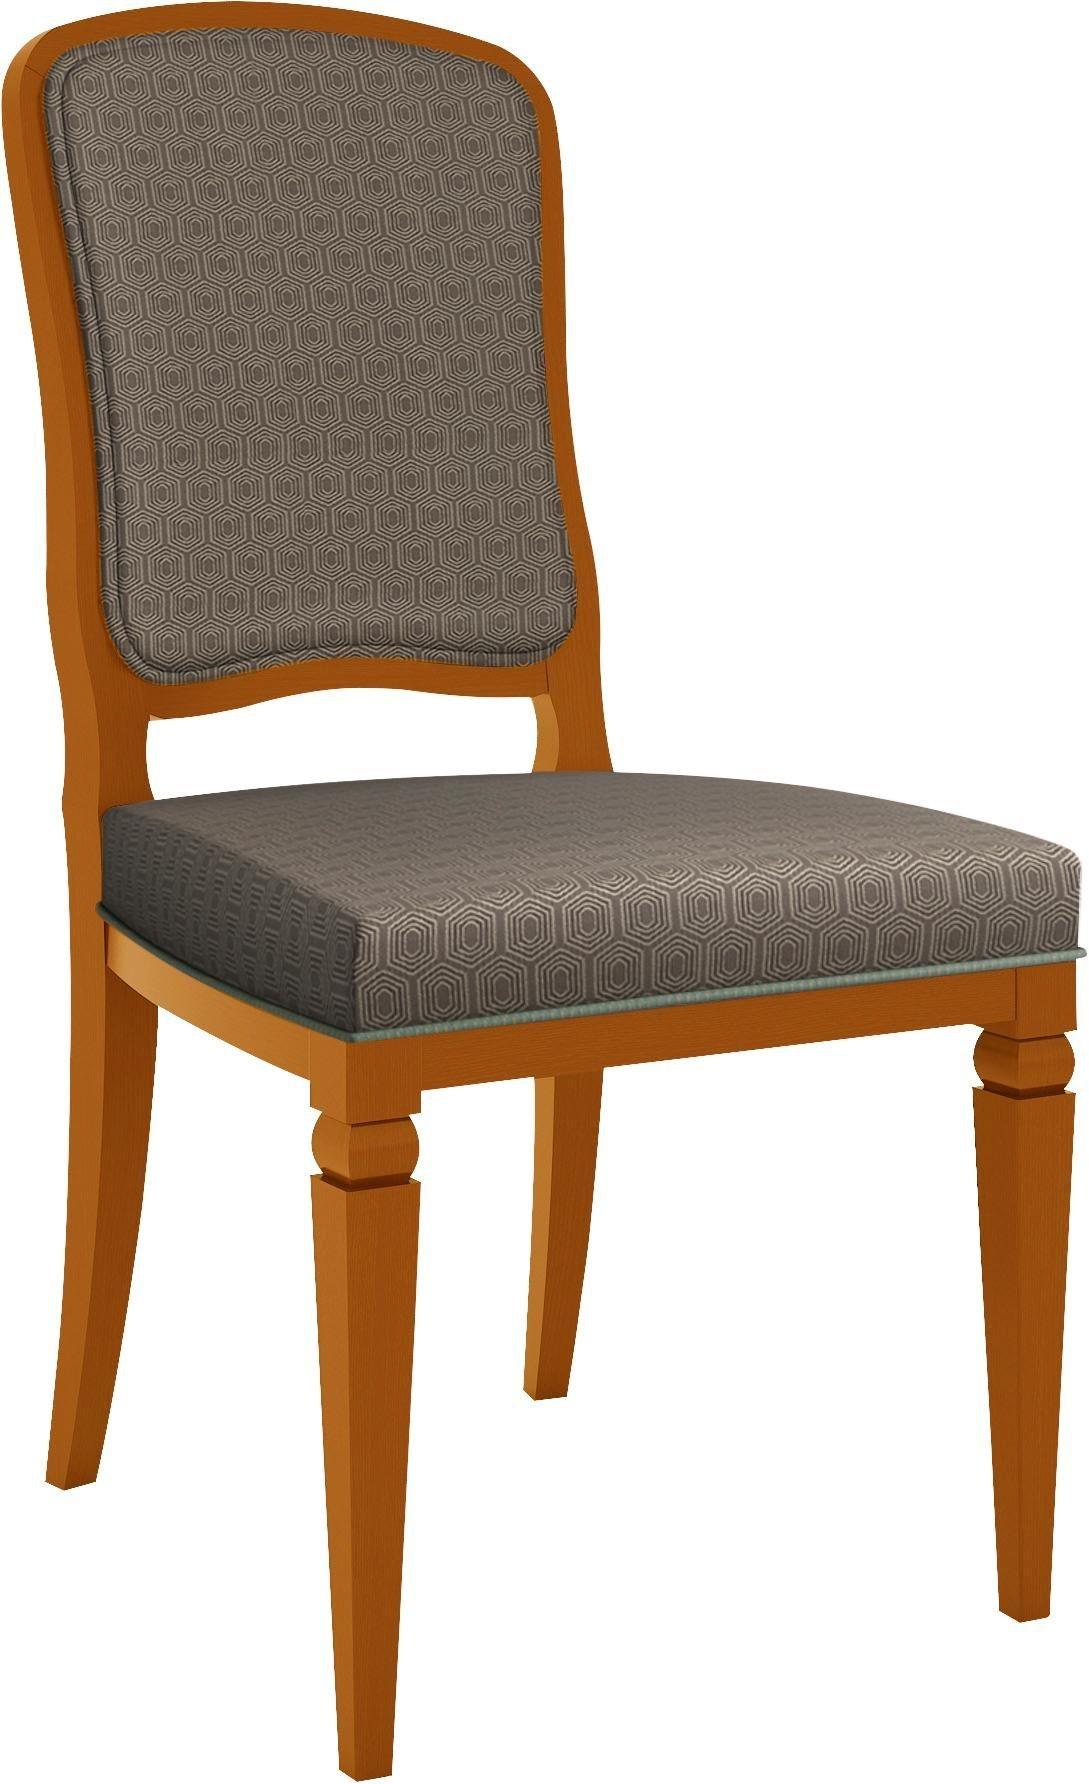 Holzstühle online kaufen | Möbel-Suchmaschine | ladendirekt.de